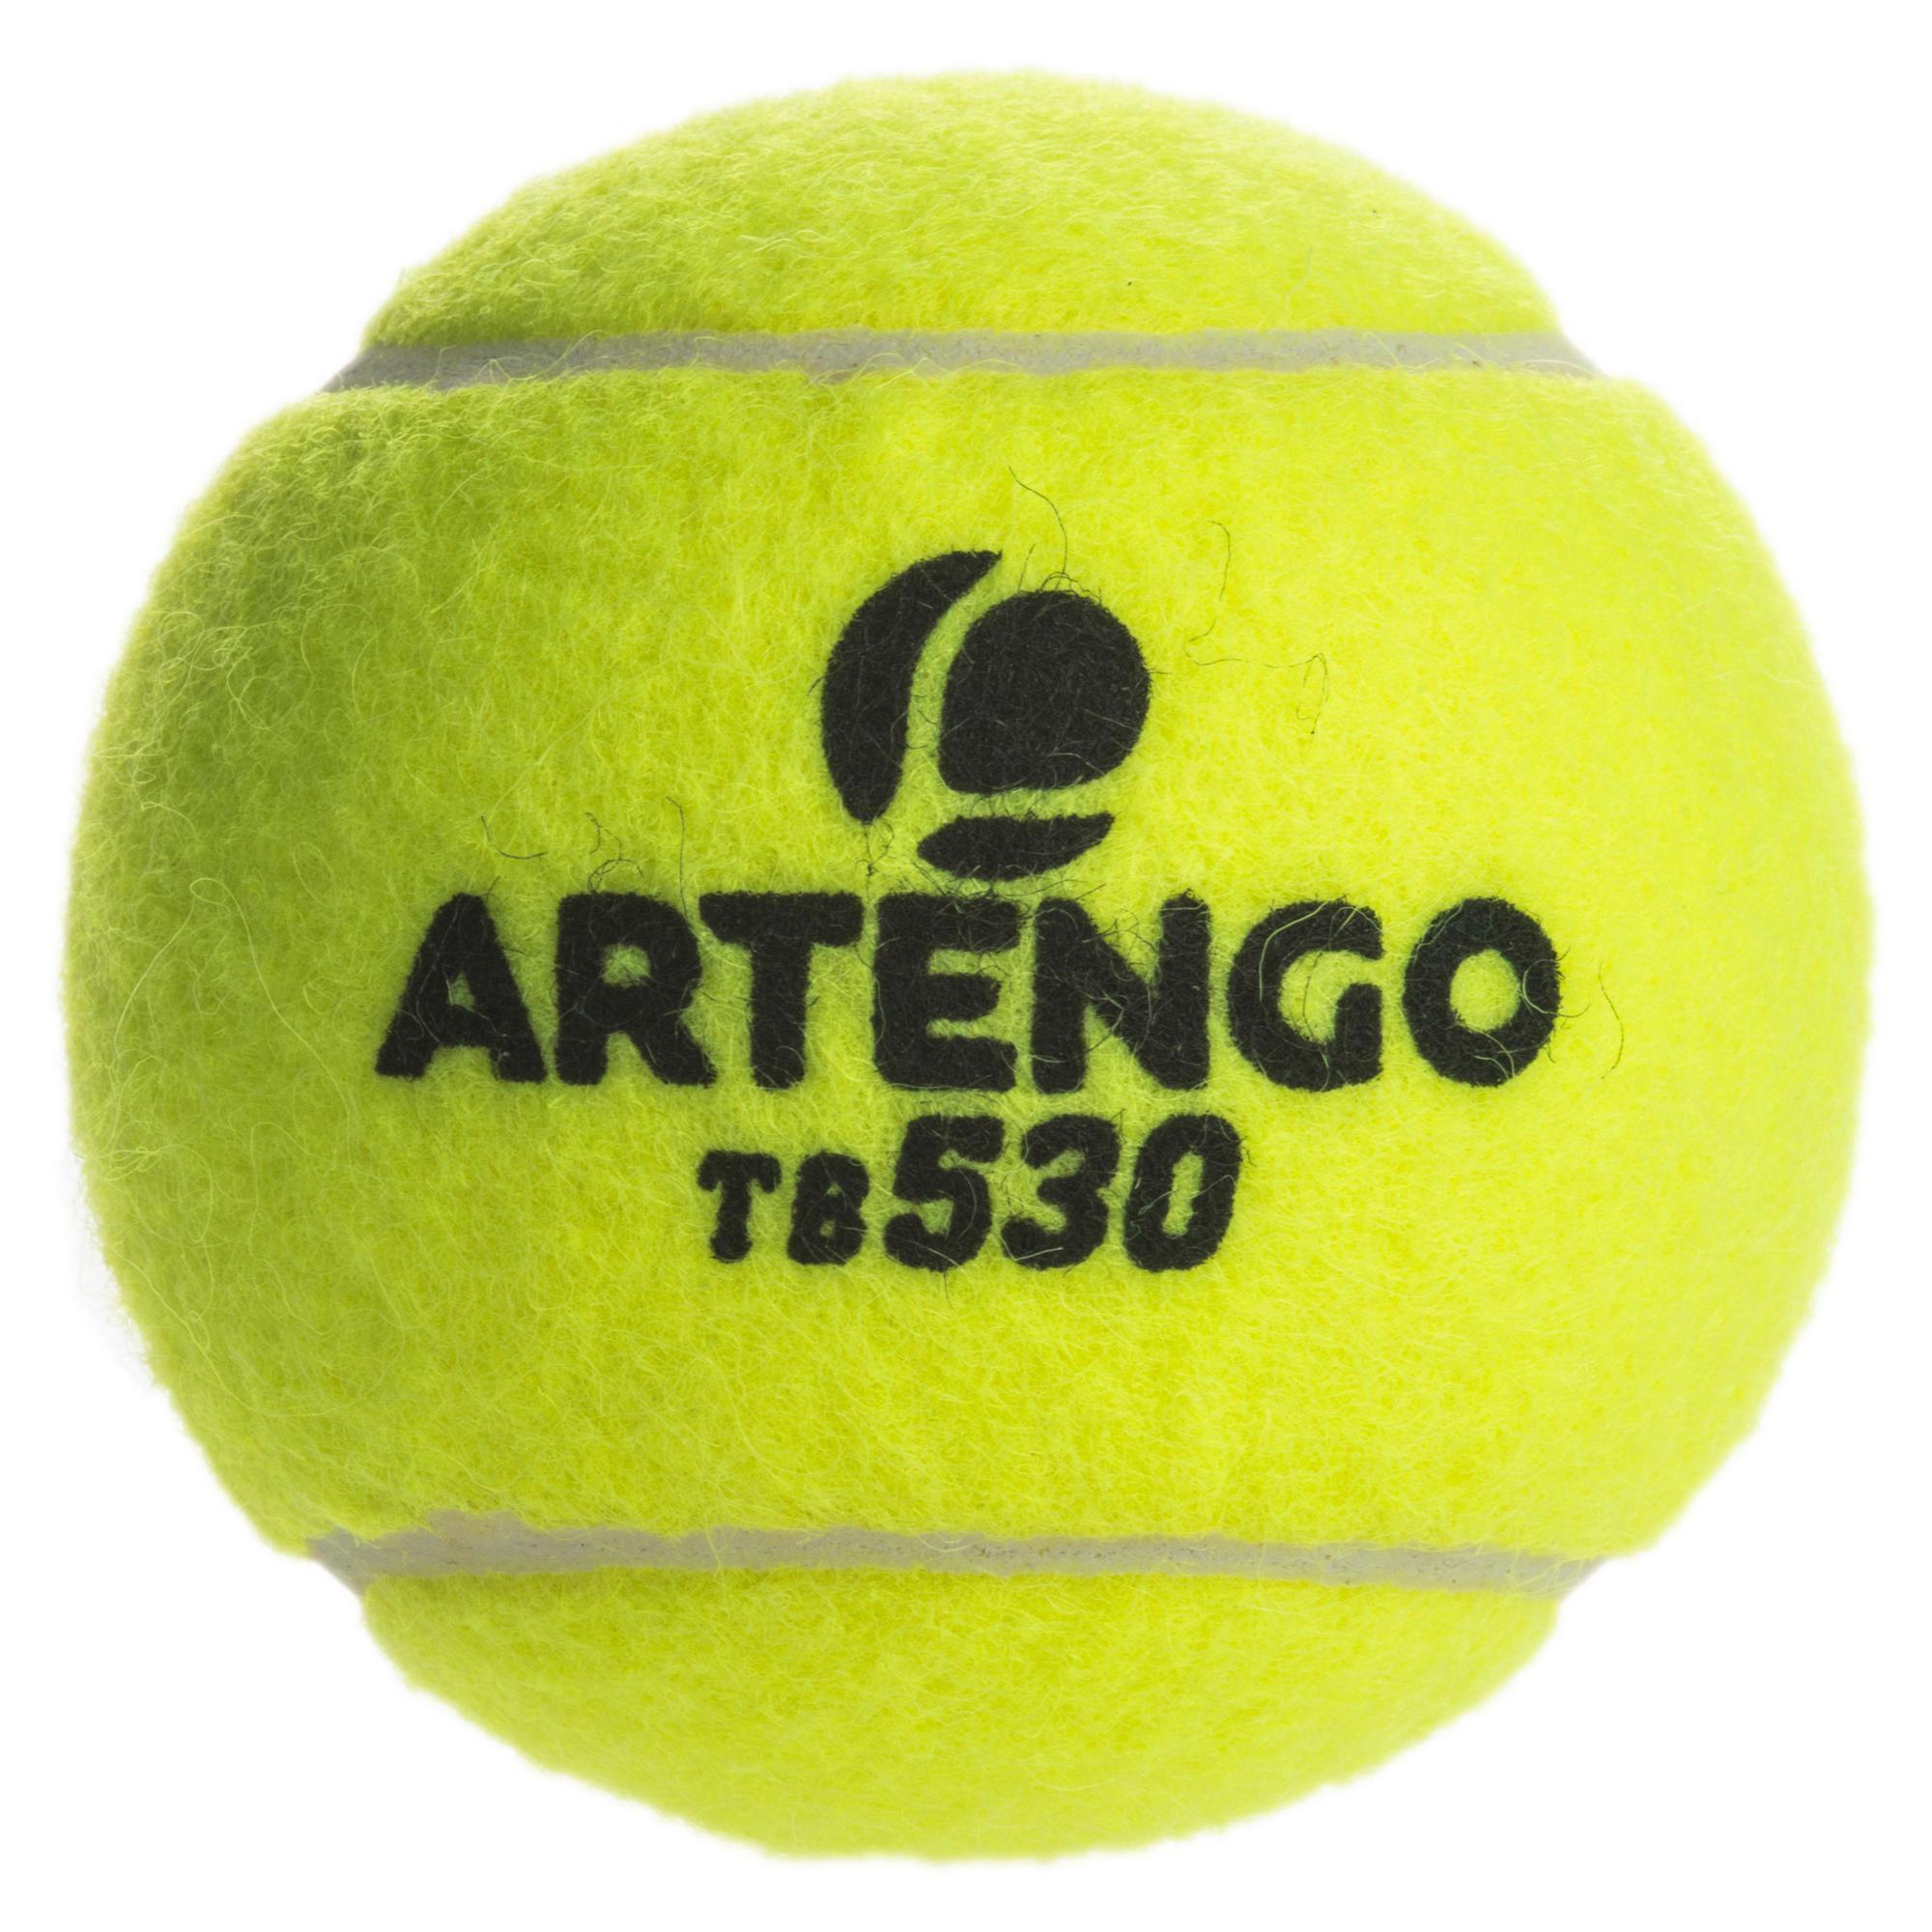 artengo tennisballen training tb 530 4 stuks decathlontennisballen voor training tb530 *3 geel